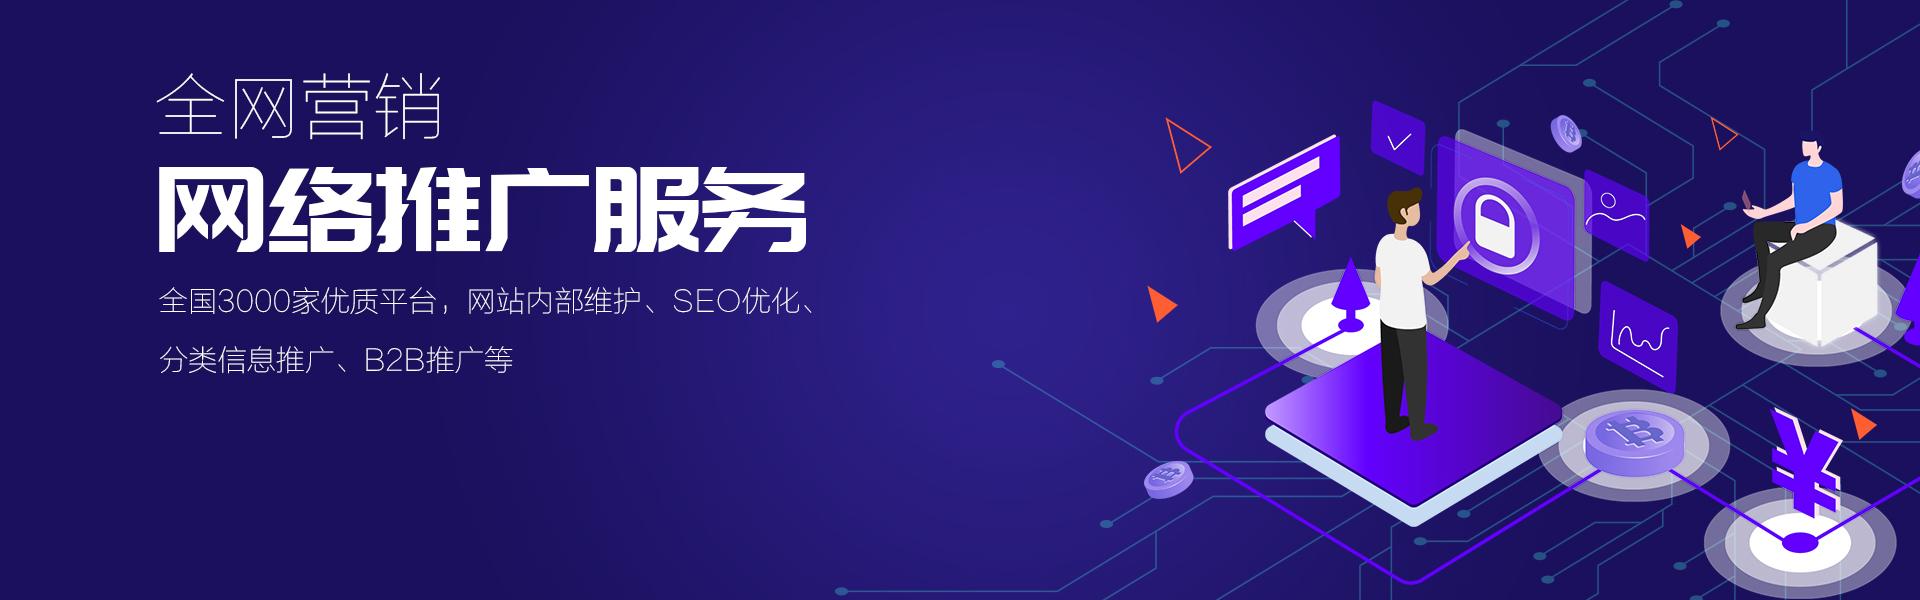 洛阳网络公司全网营销网络推广服务